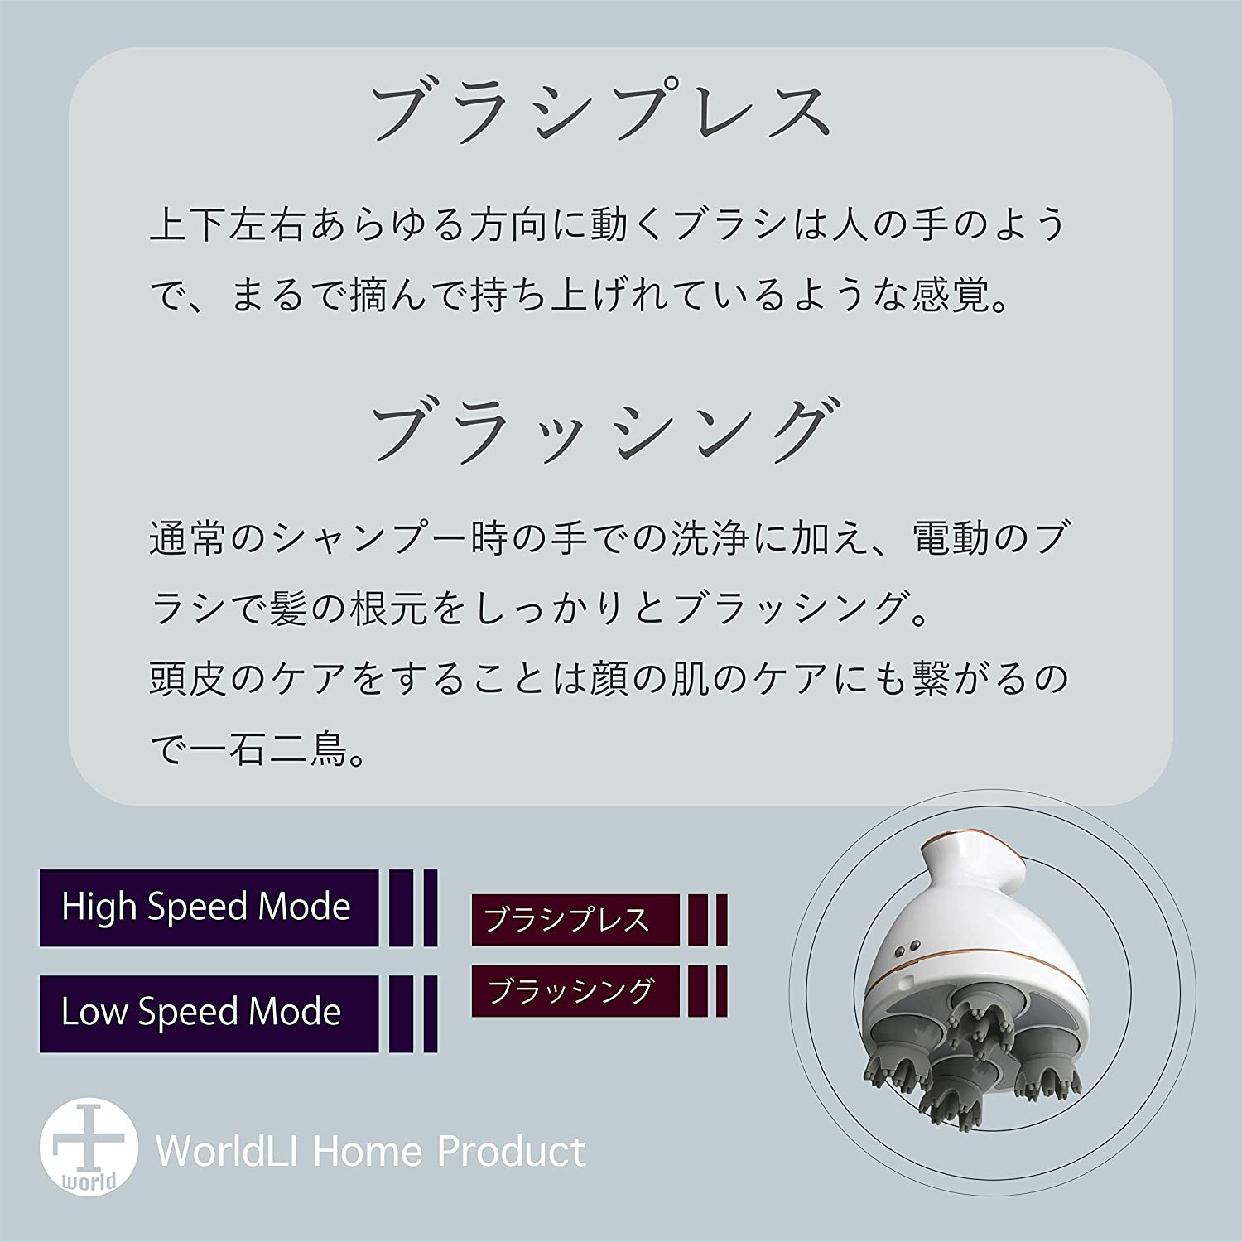 WorldLI Home Product(ワールドエルアイホームプロダクト)頭皮マッサージ器 KAS-1の商品画像3